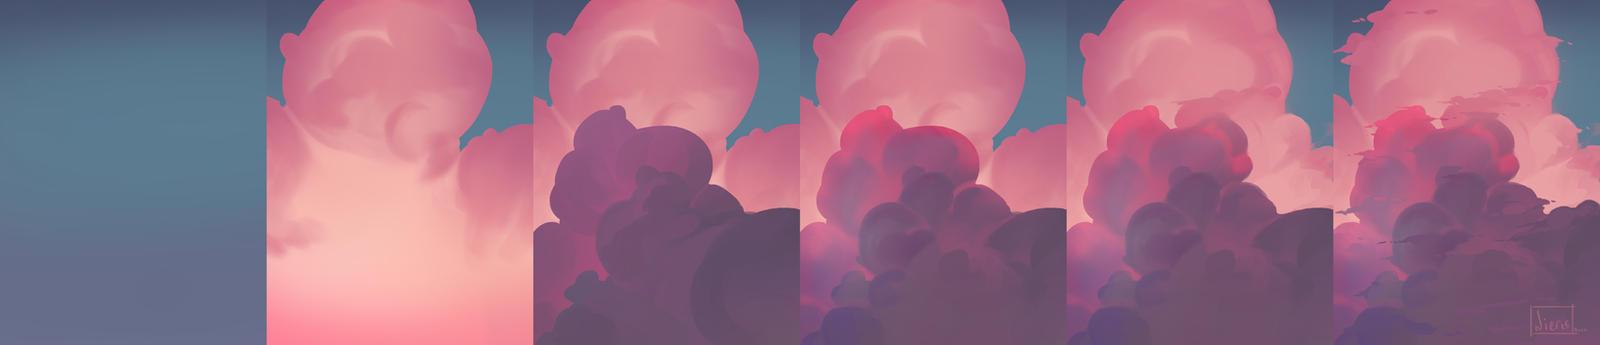 Clouds-steps by Nieris